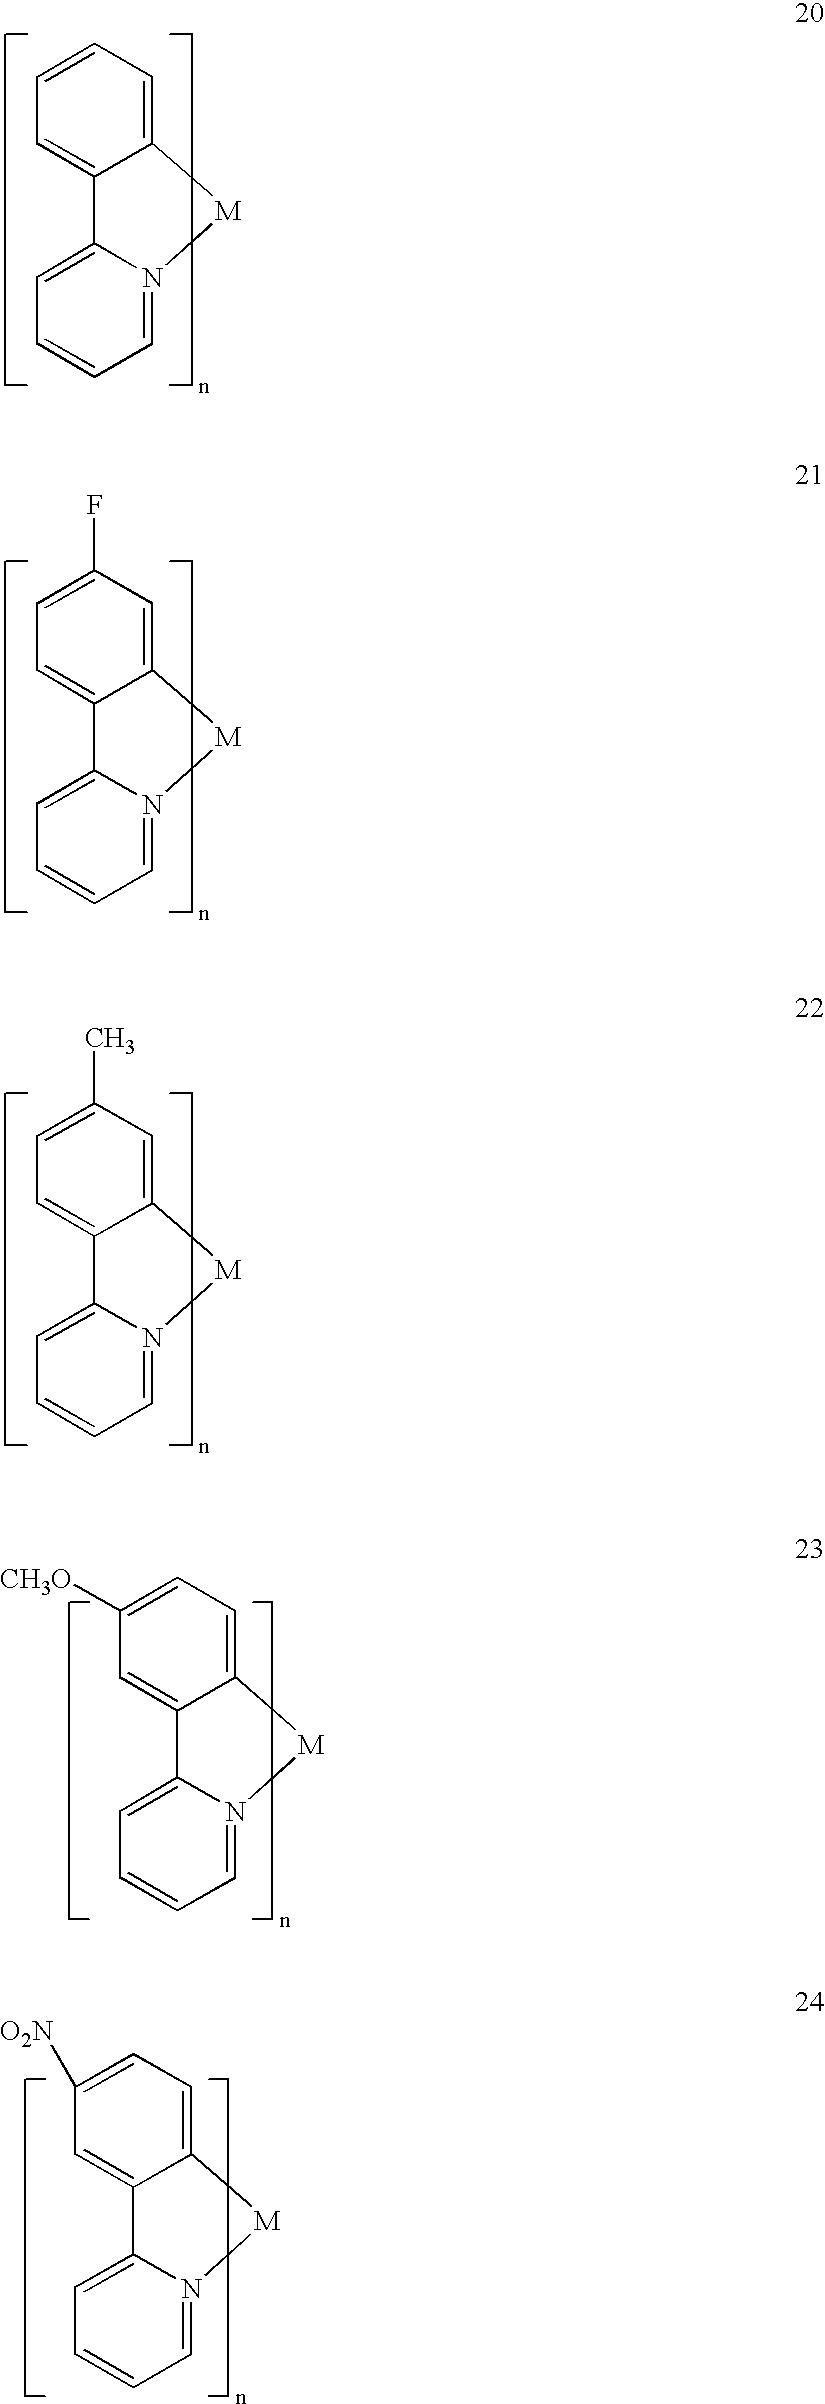 Figure US20030152802A1-20030814-C00010